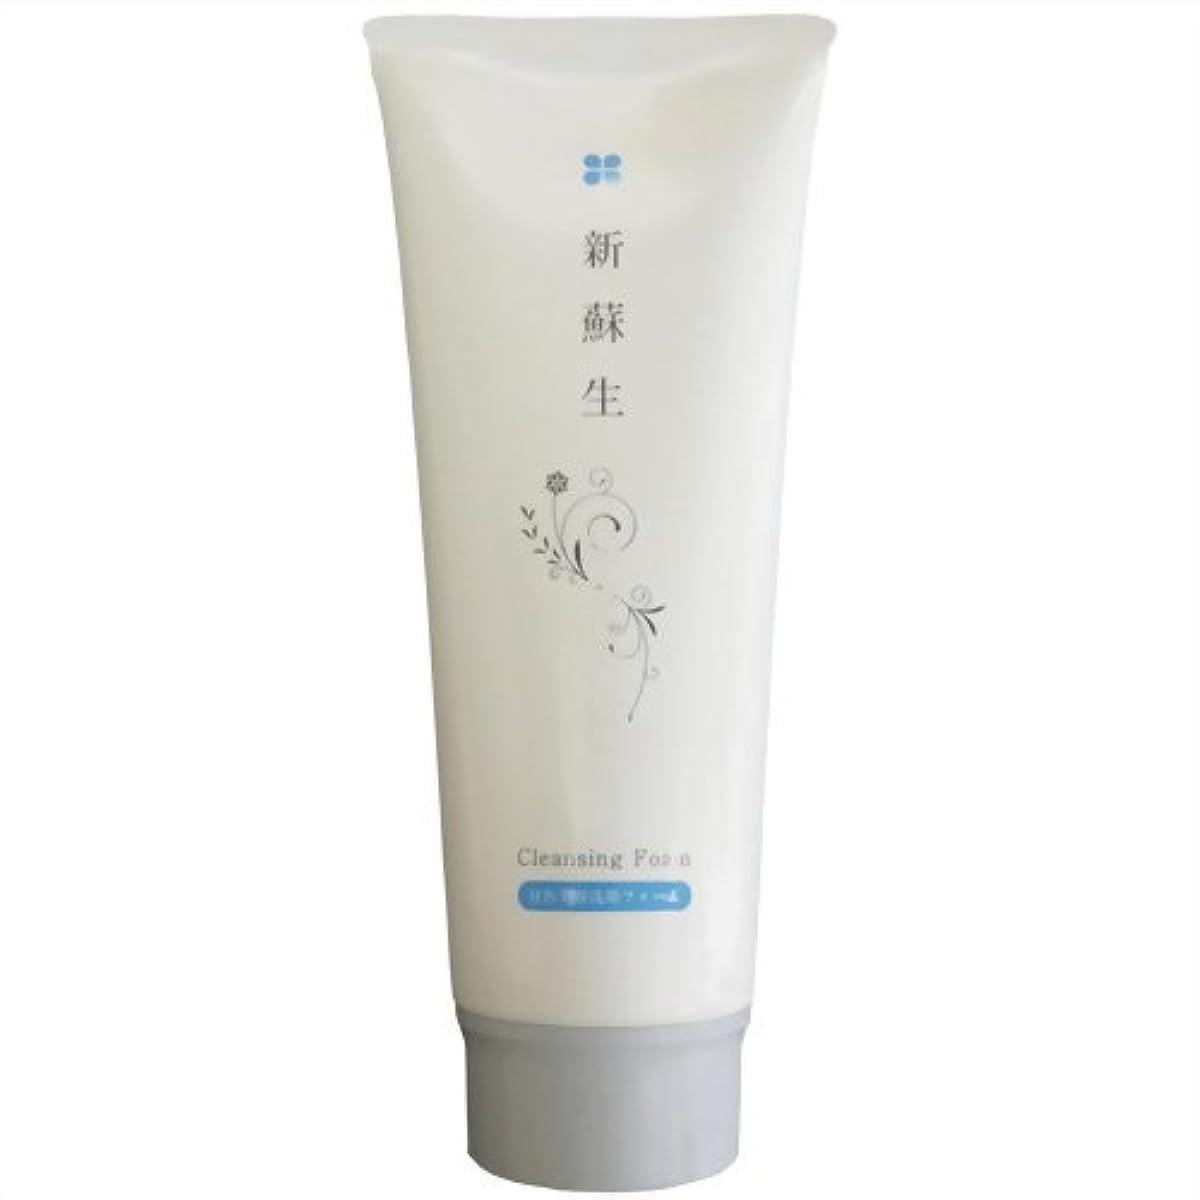 一致受け皿勘違いする新蘇生 日医美容洗顔フォーム 120g